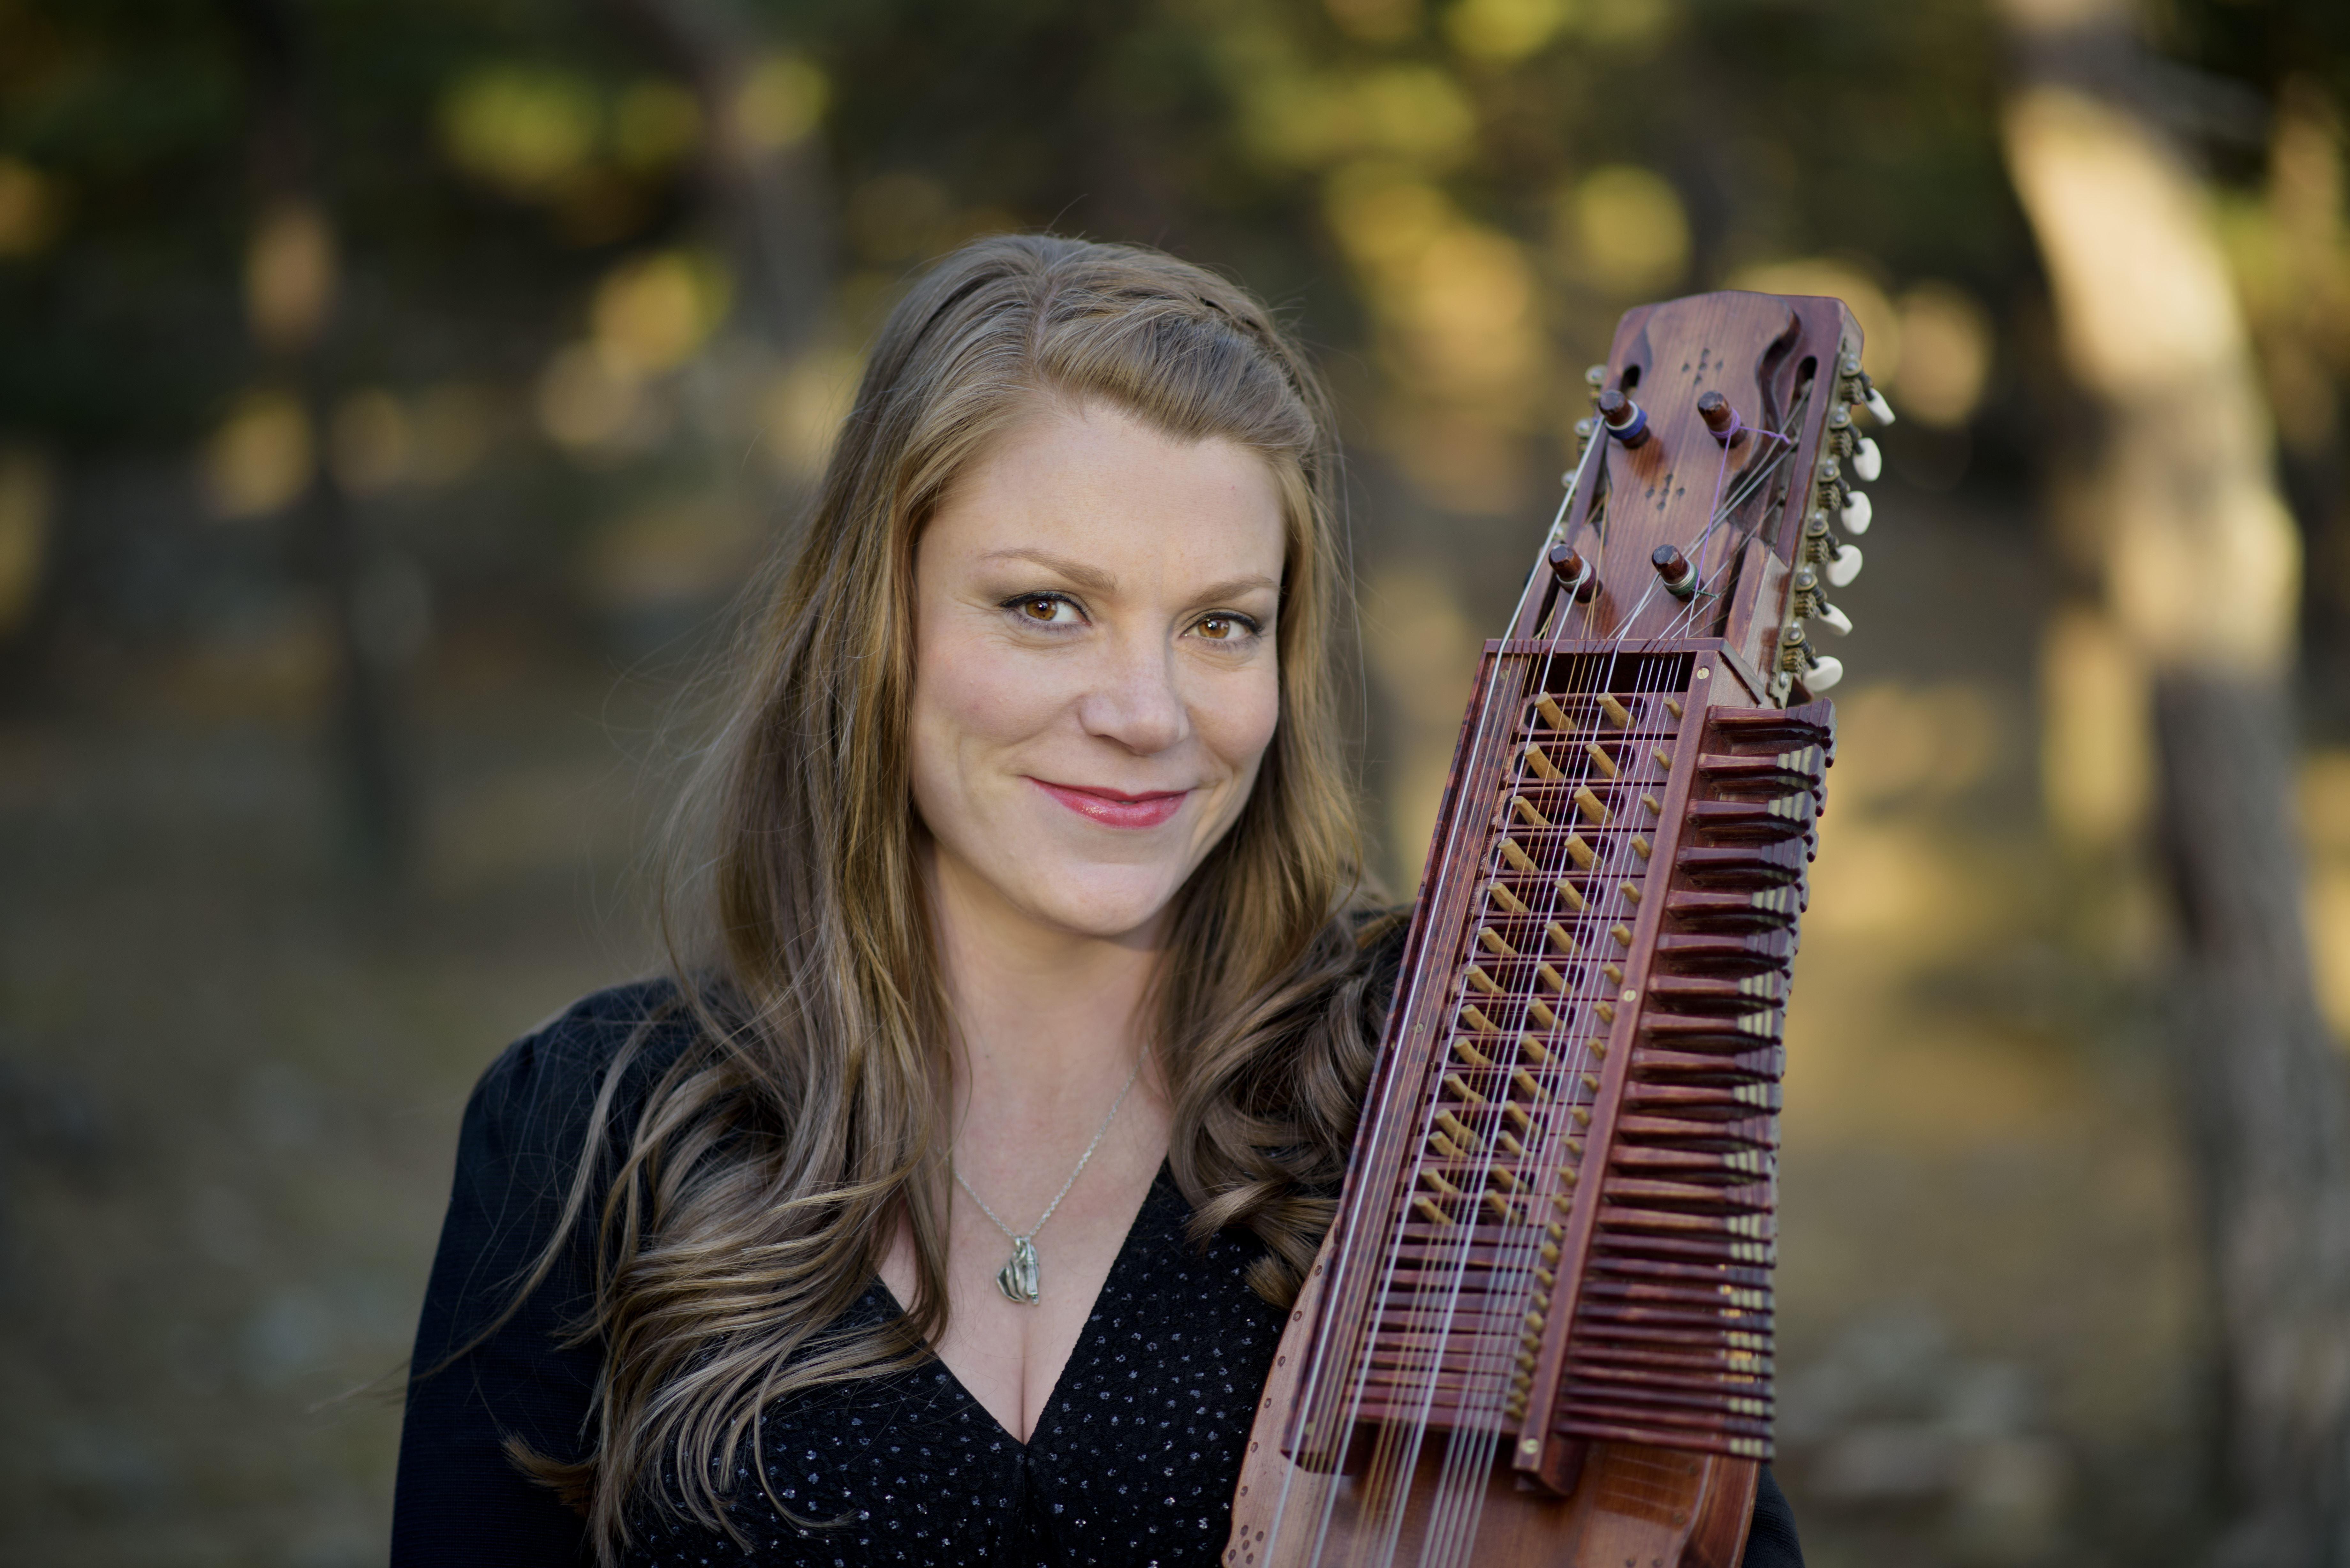 Musik: Jul i folkton - Musica Vitae och Emilia Amper